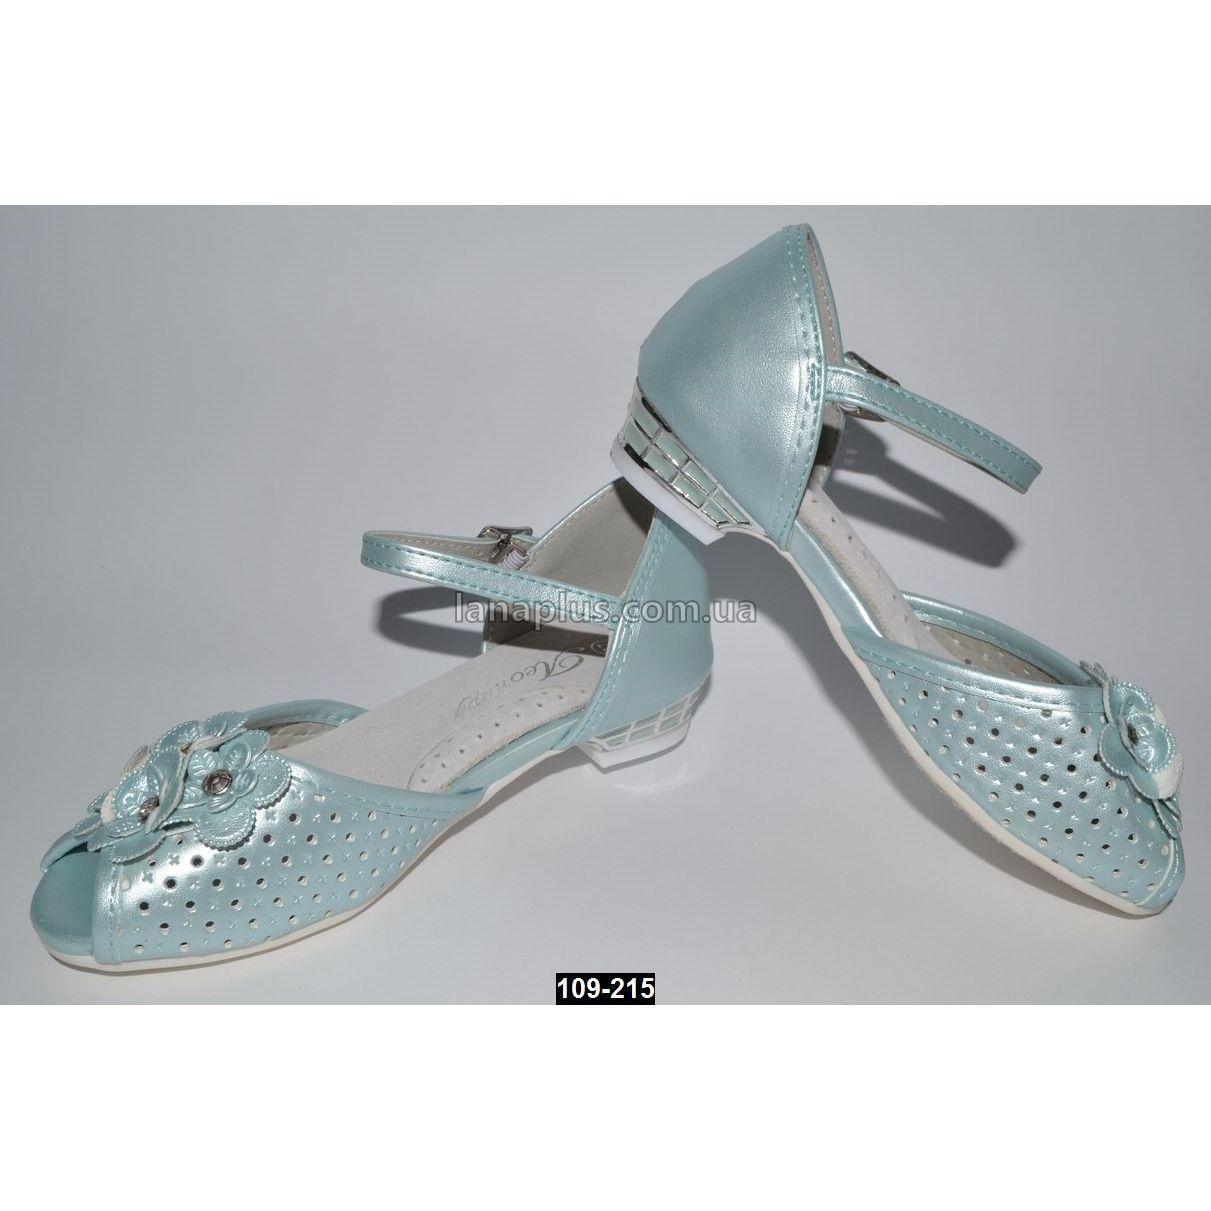 Нарядные босоножки, туфли для девочки, 26 размер (17.5 см), супинатор, кожаная стелька, 109-215